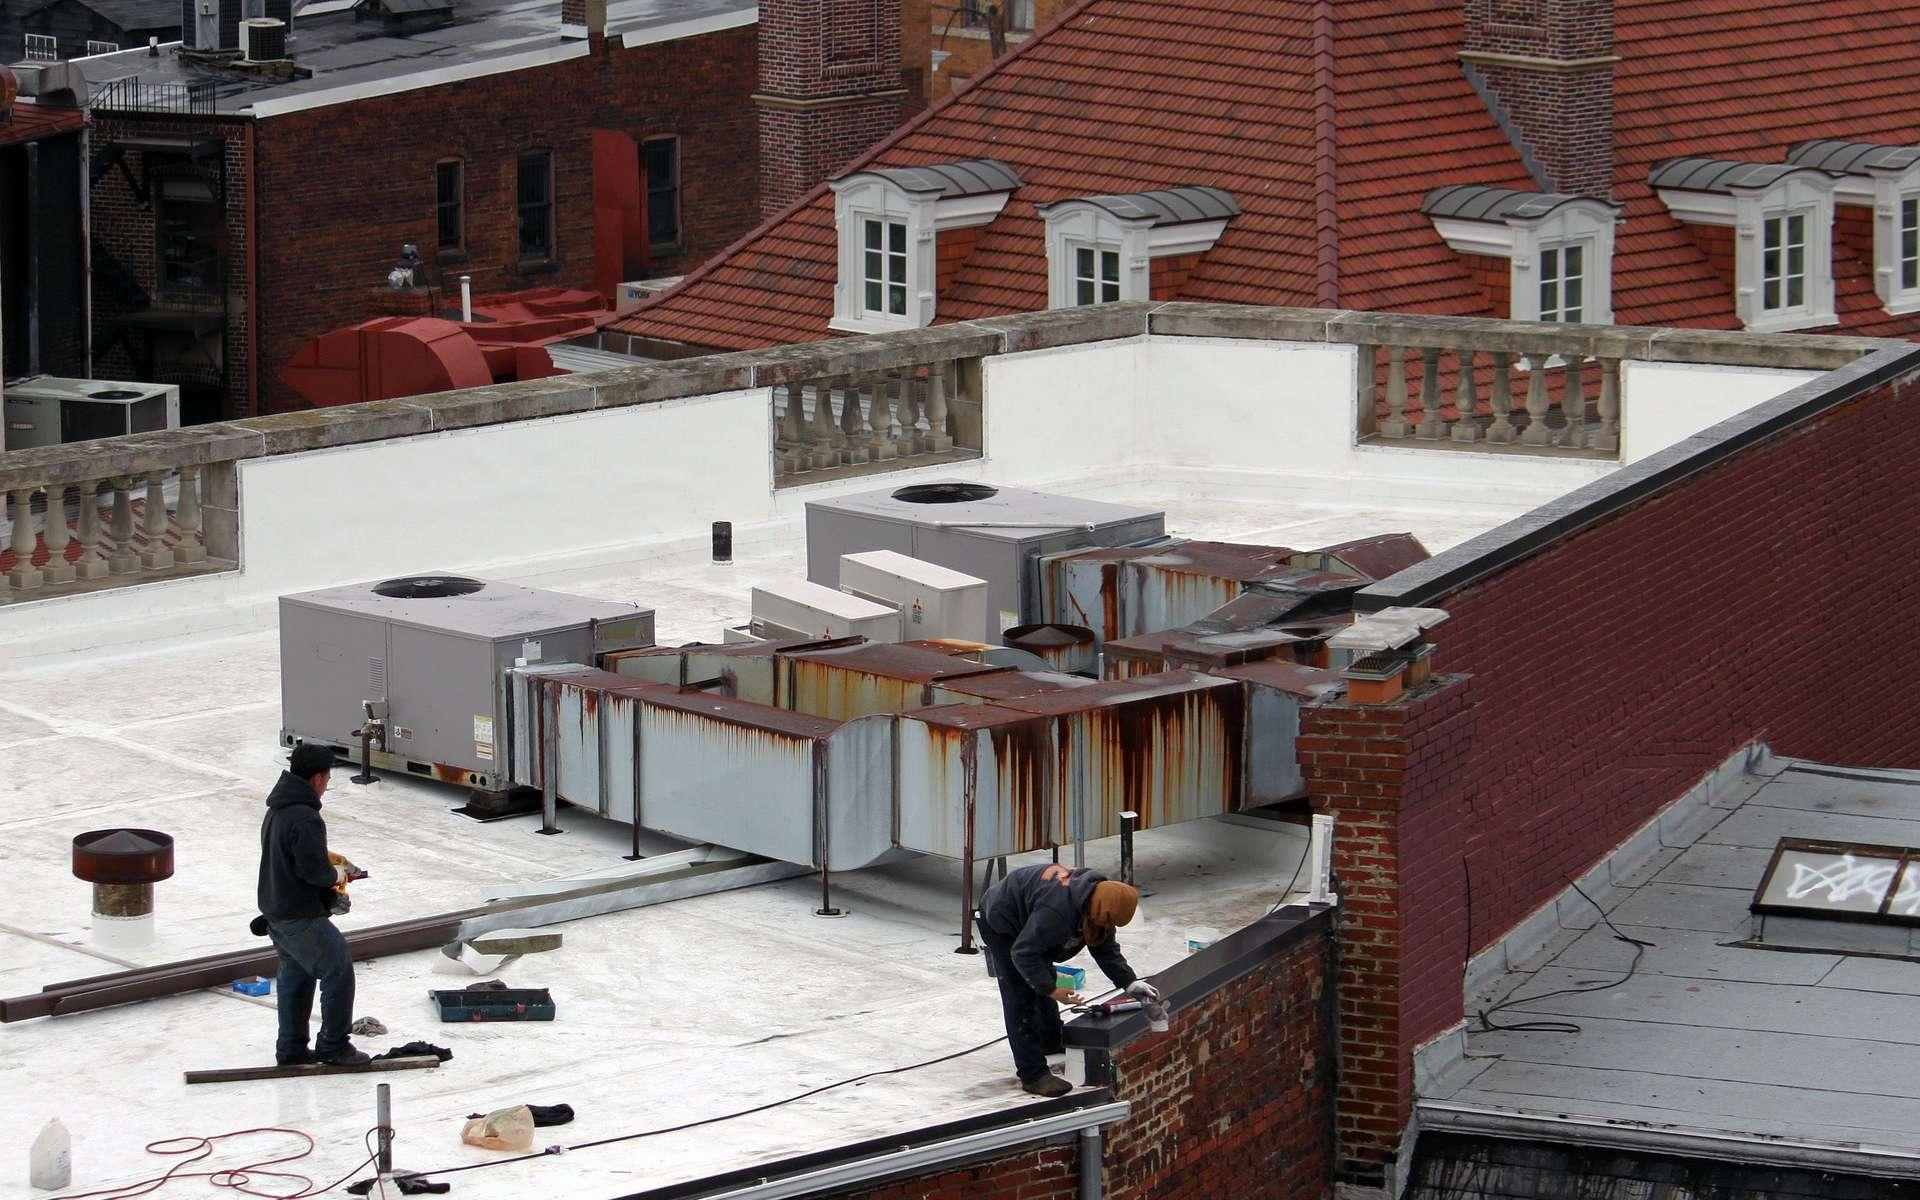 Une équipe de construction travaille sur un toit blanc dans Washington, D.C. © Maria-José Viñas / American Geophysical Union